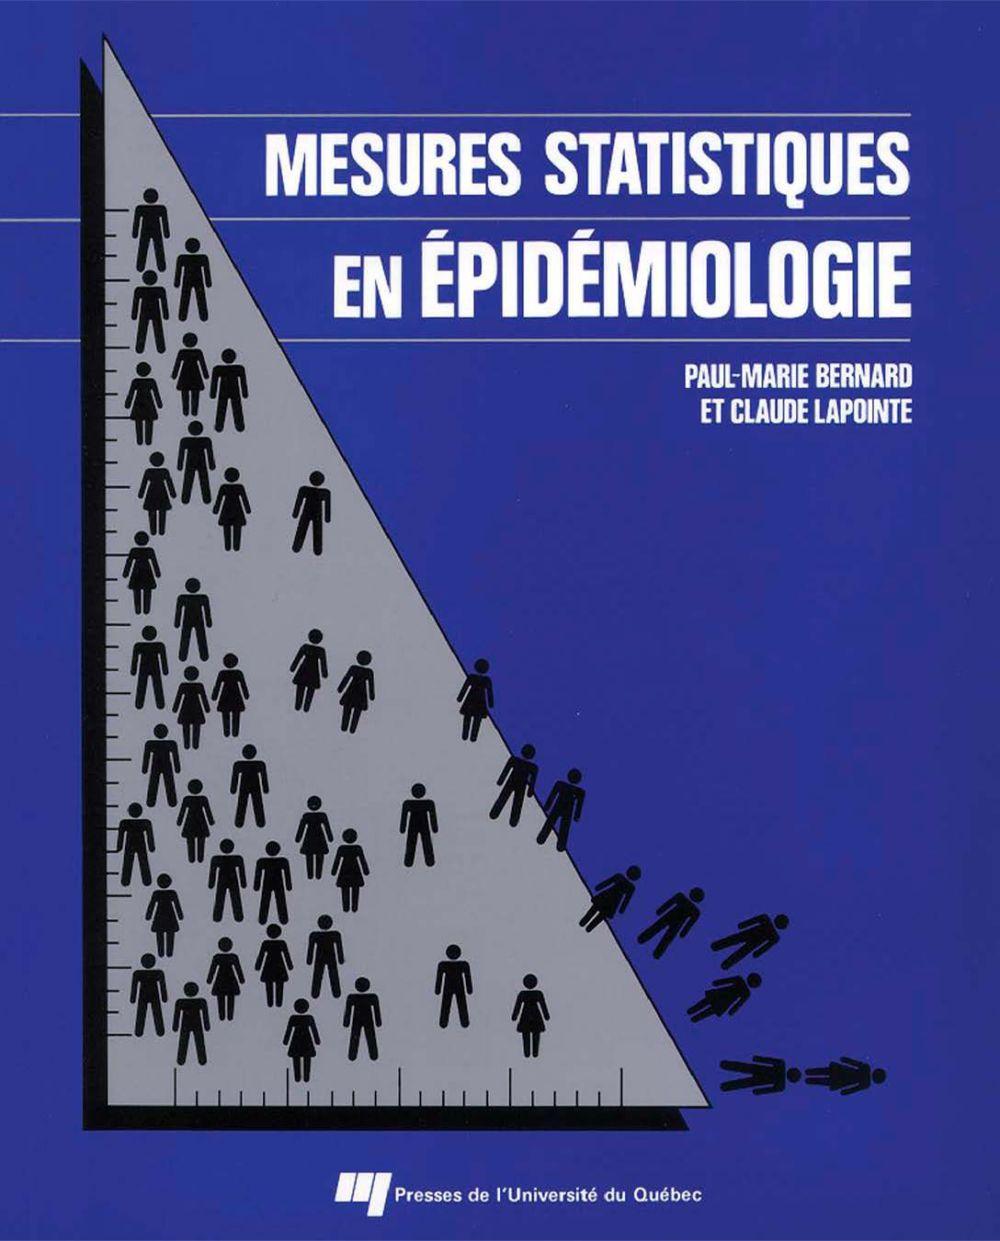 Mesures statistiques en épidémiologie